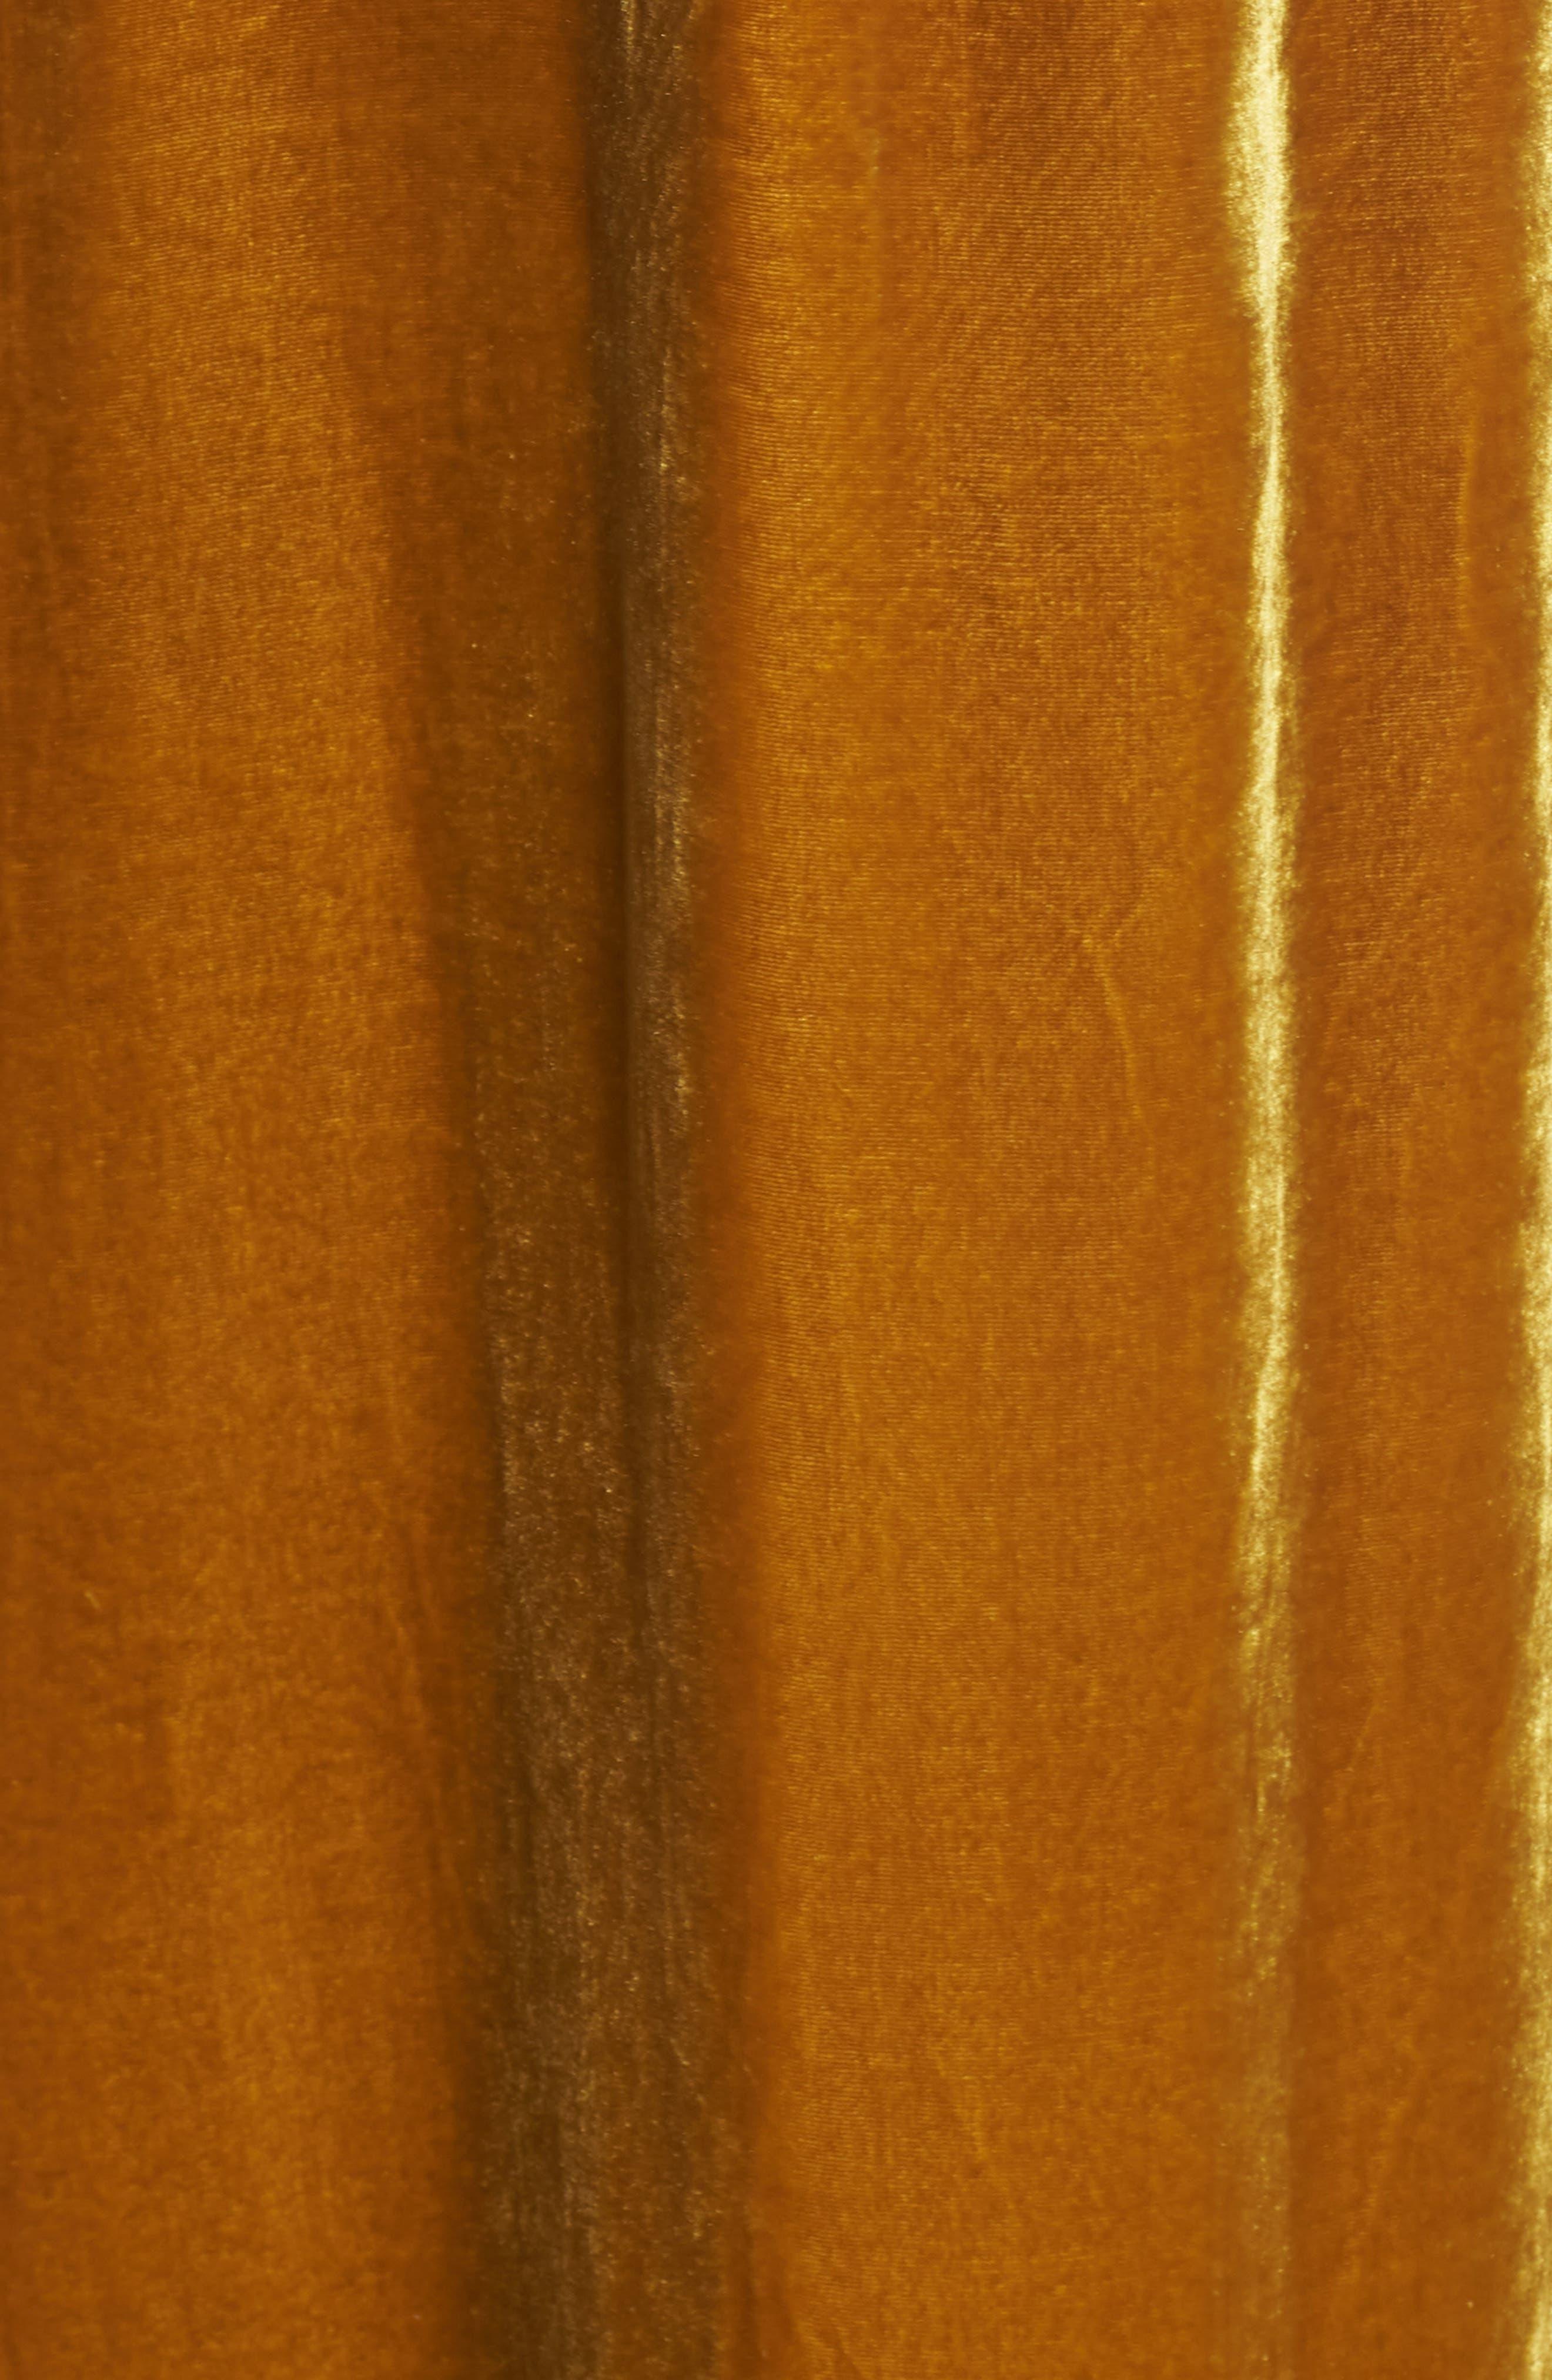 Velvet Halter Maxi Dress,                             Alternate thumbnail 6, color,                             720